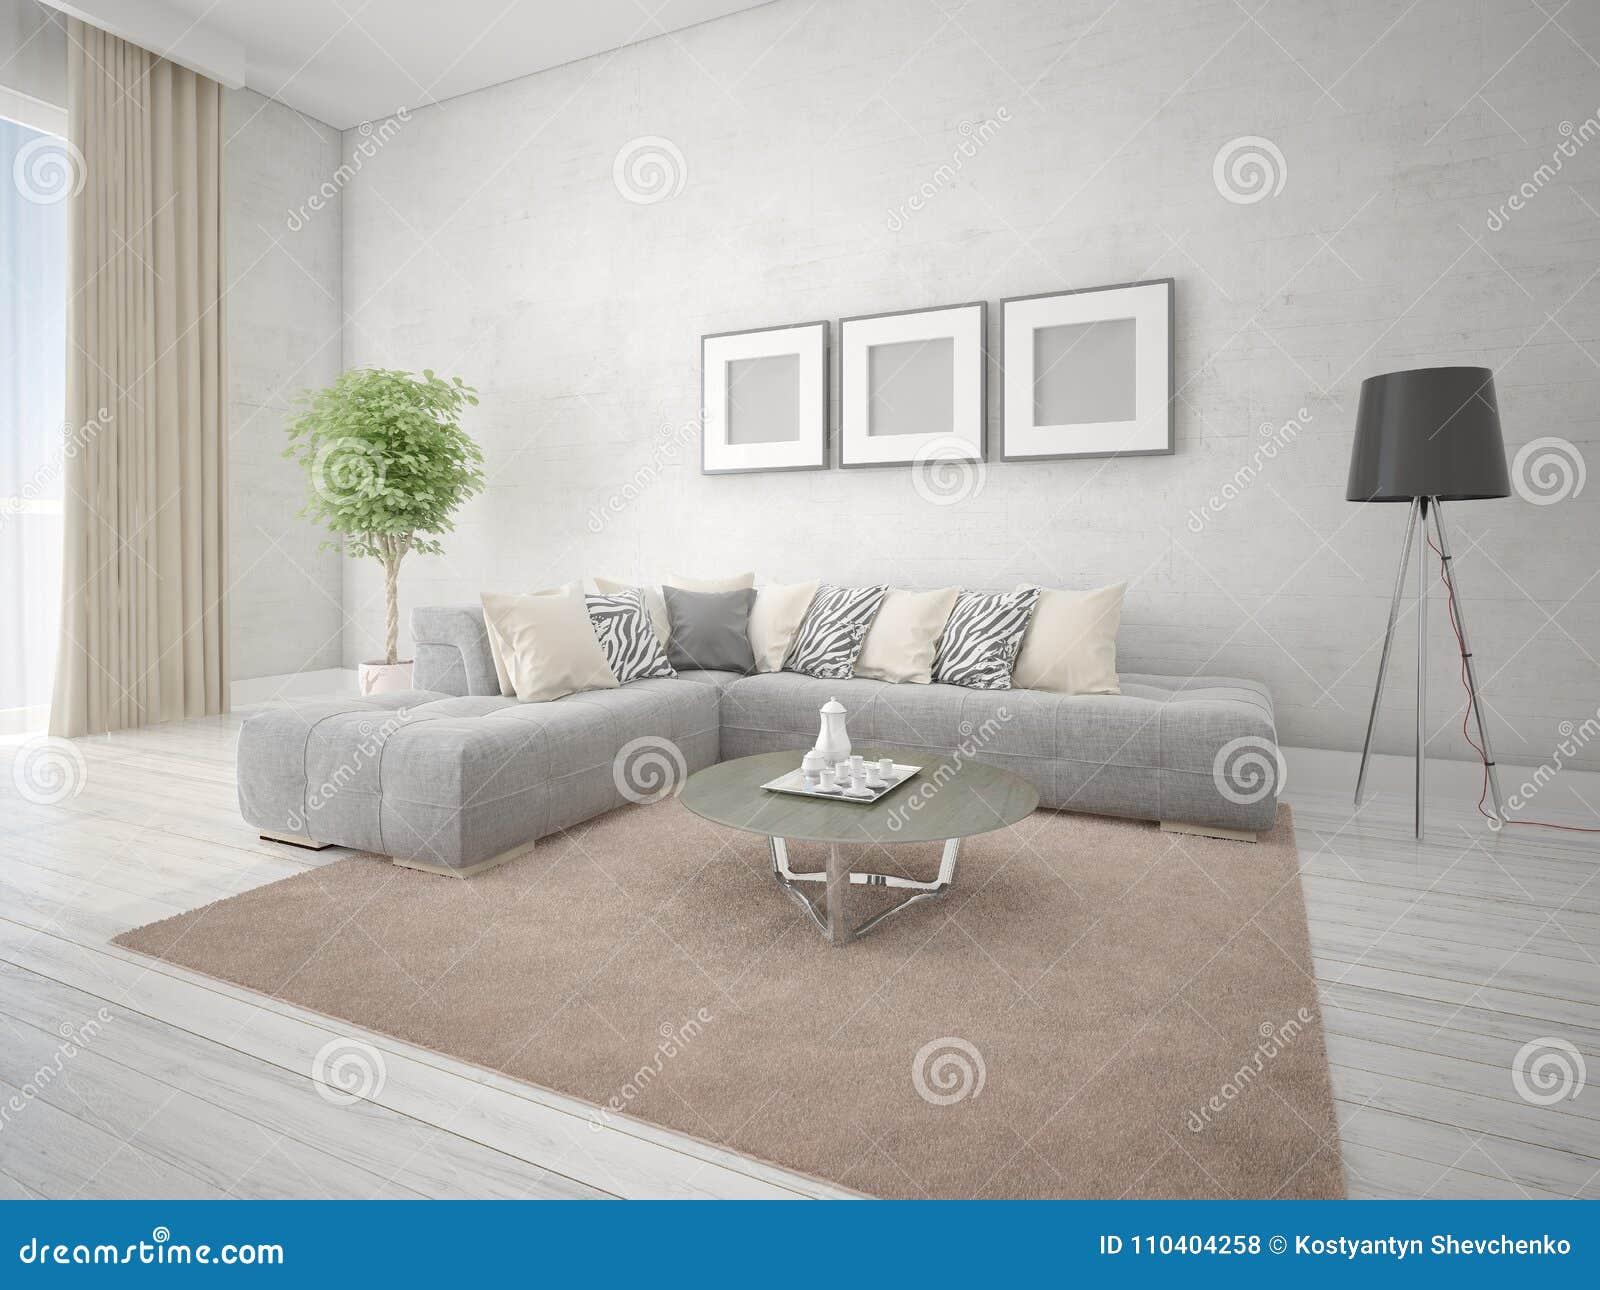 https://thumbs.dreamstime.com/z/spot-omhoog-een-modieuze-woonkamer-met-grijze-hoekbank-110404258.jpg